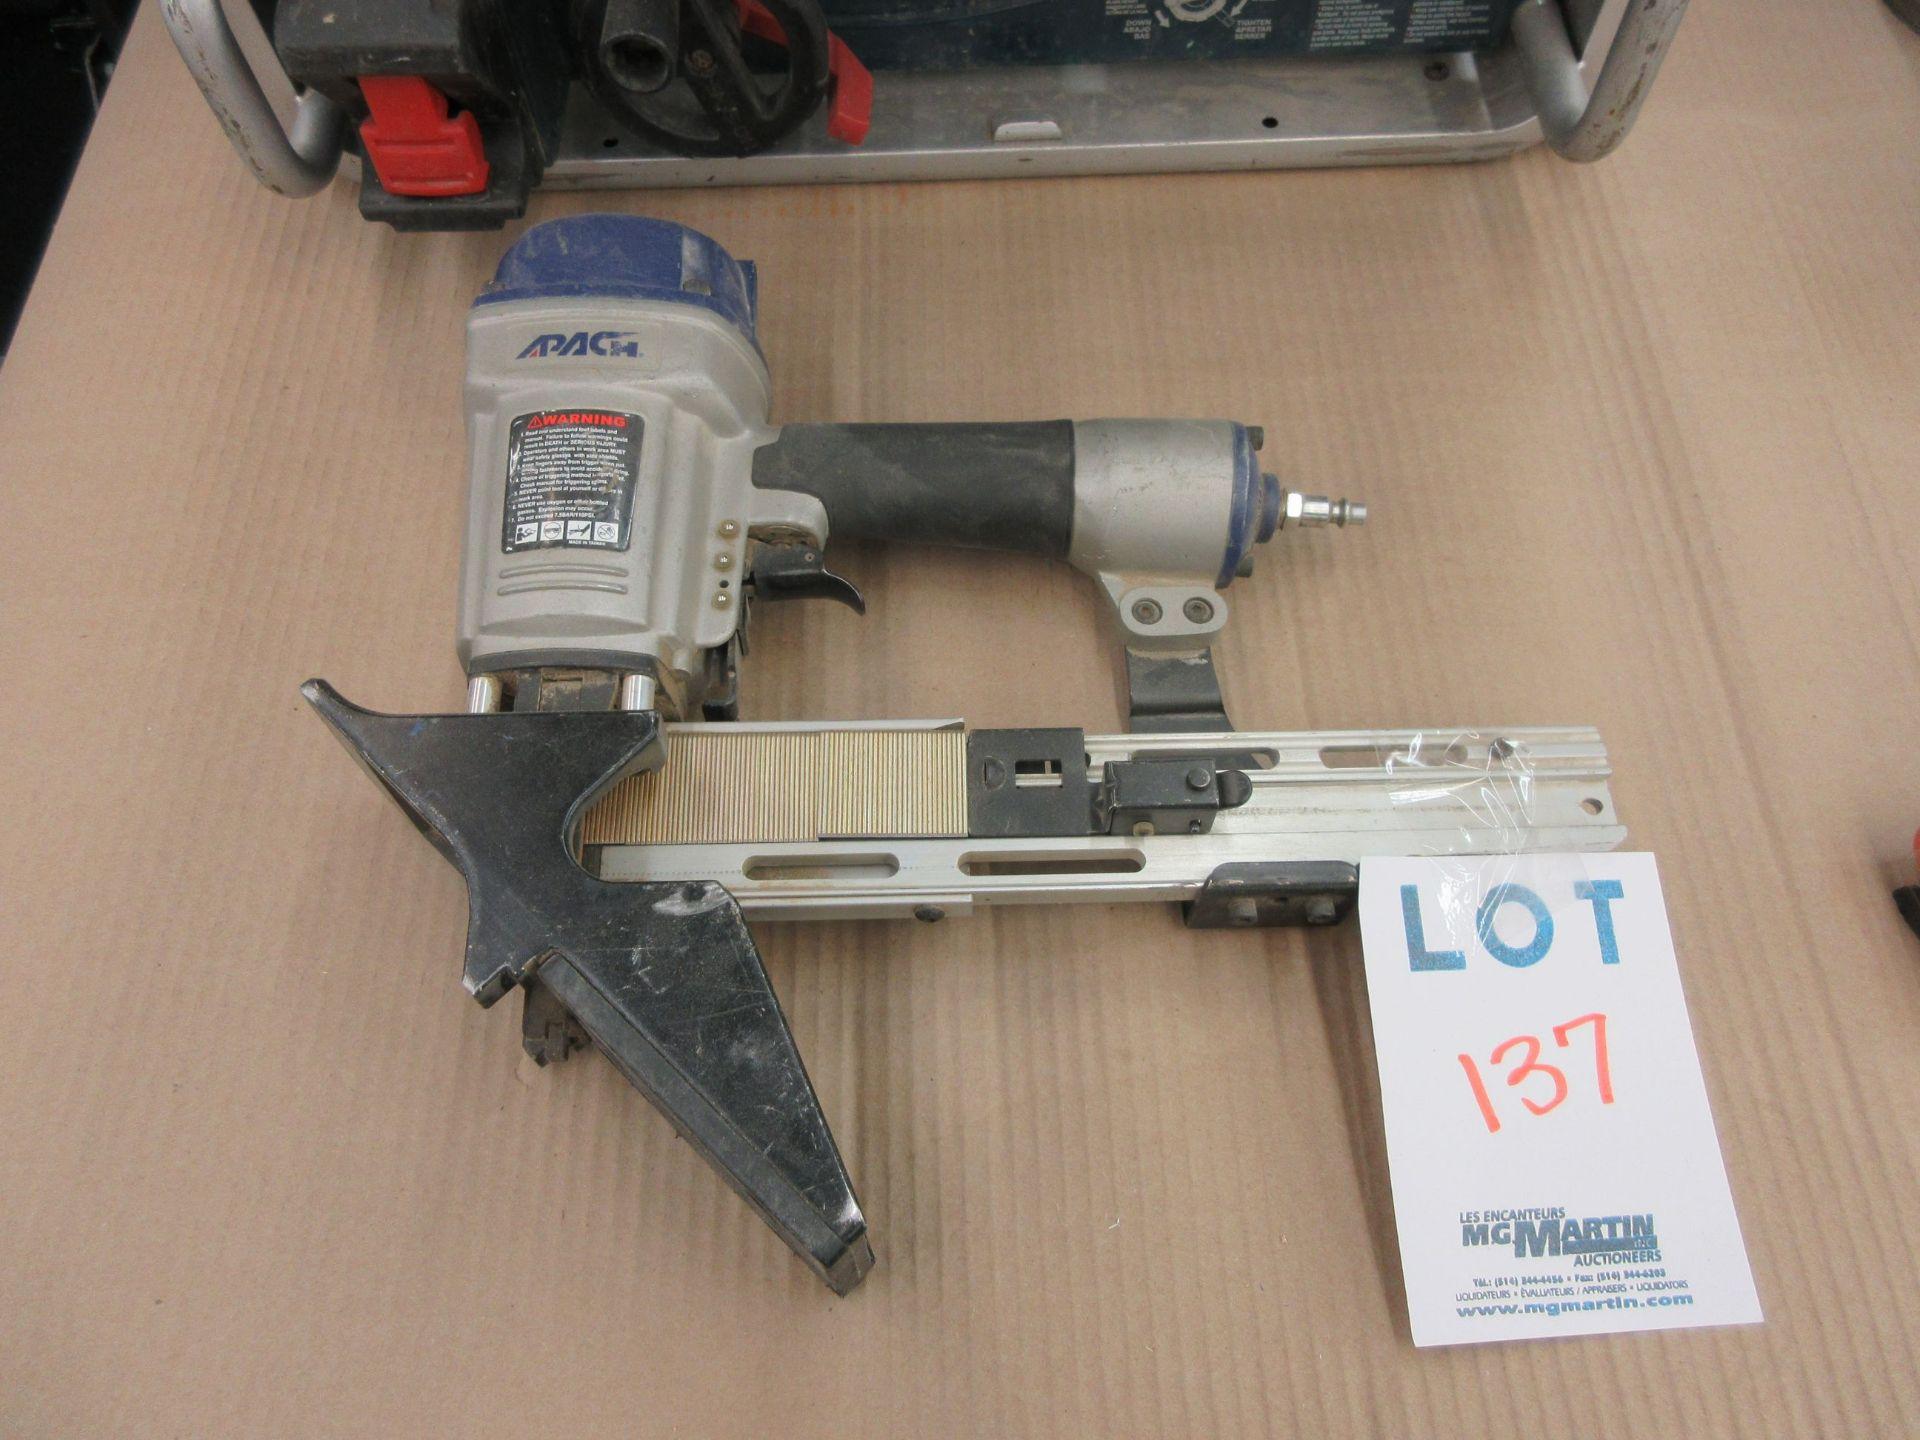 Lot 137 - APACH air stapler